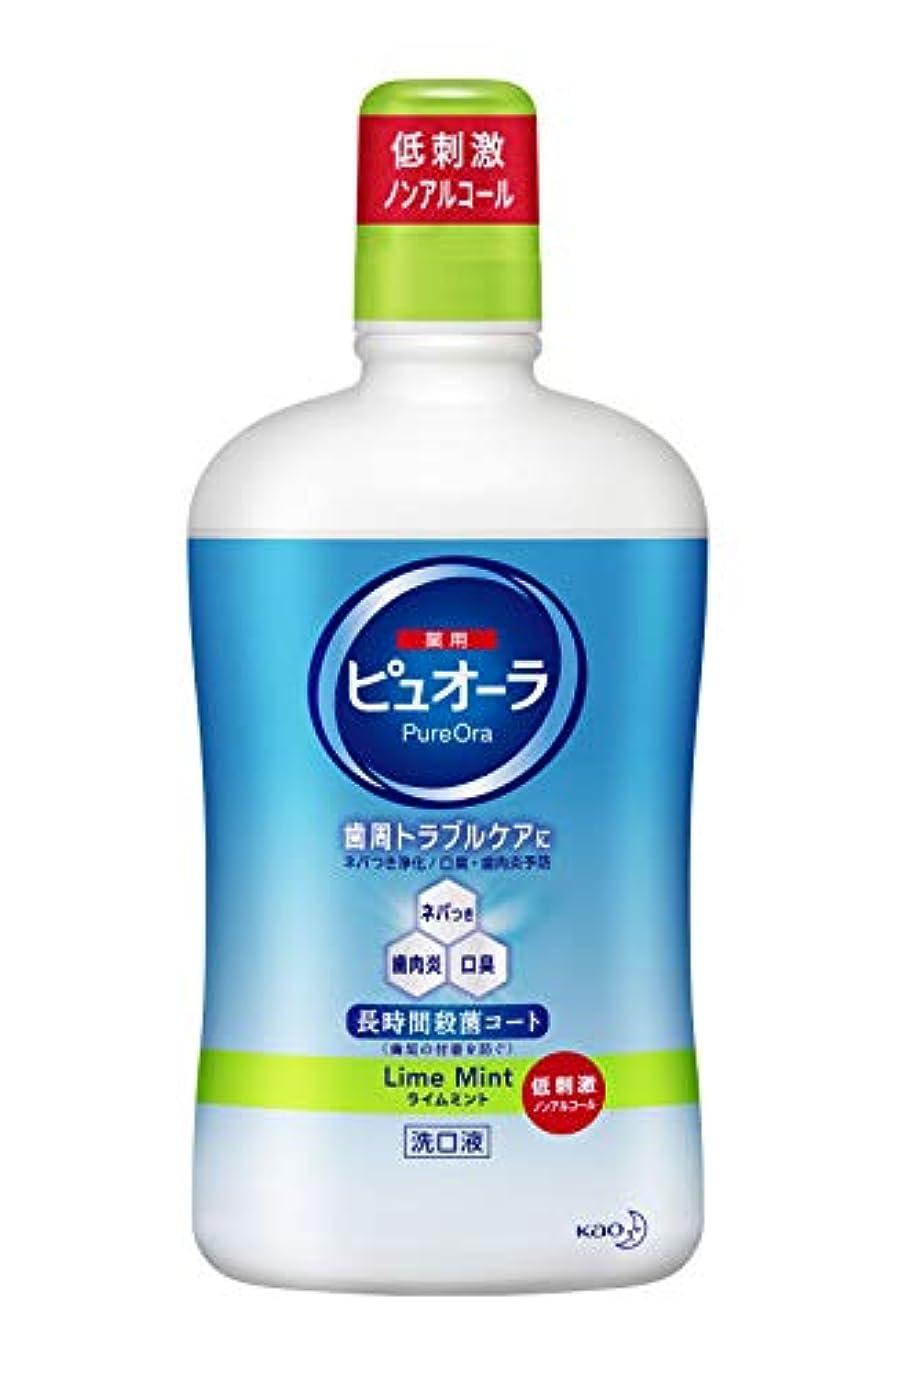 ジョグ劇的信頼性【大容量】ピュオーラ 洗口液 ライムミント ノンアルコールタイプ 850ml